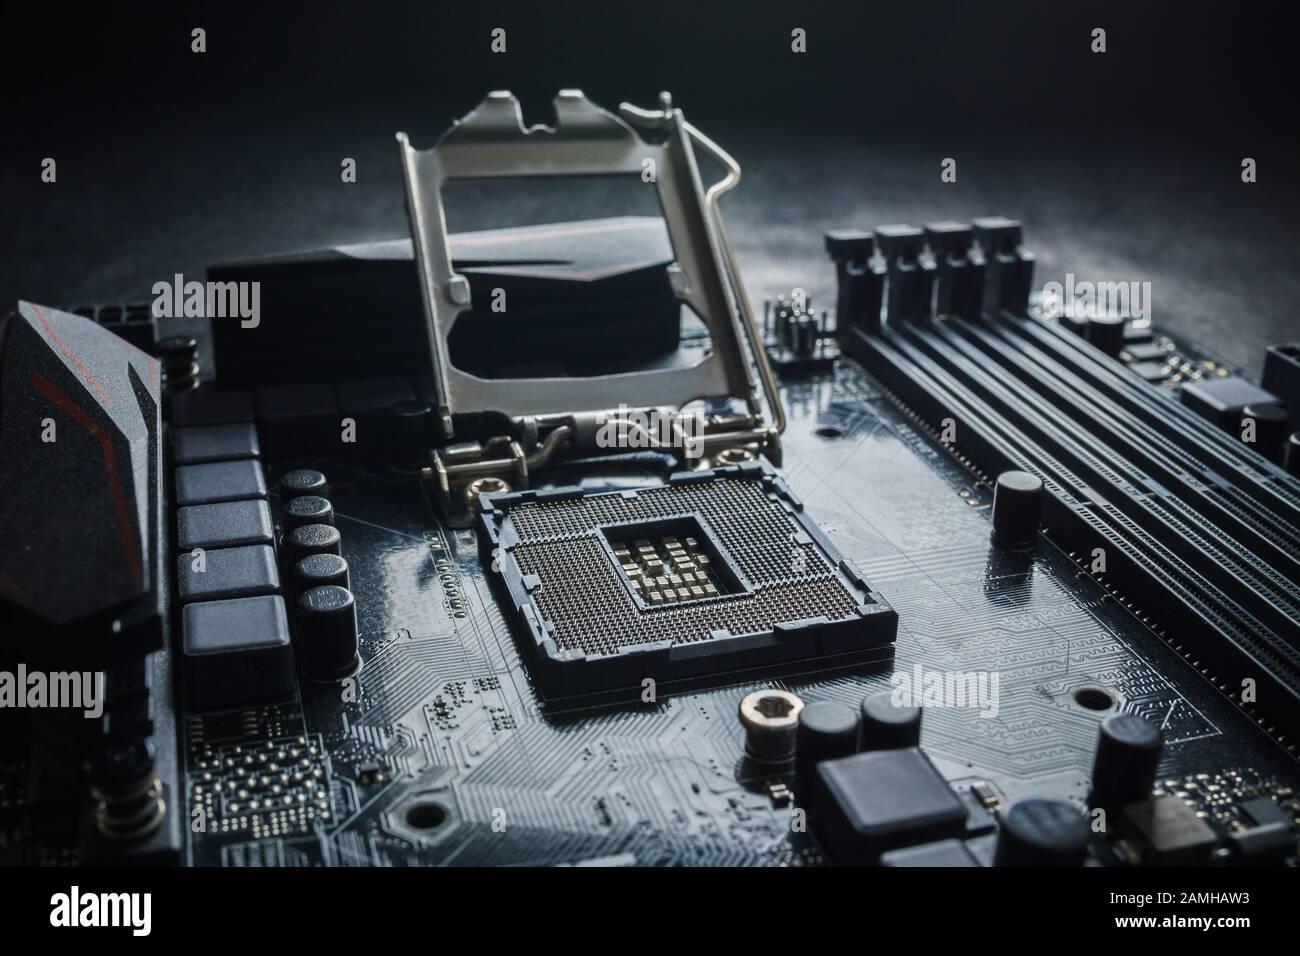 Gros plan du support de processeur sur une carte mère D'Ordinateur Moderne. Détails Des Petits Composants Électroniques. Concept de réparation ou de mise à niveau de PC. Banque D'Images